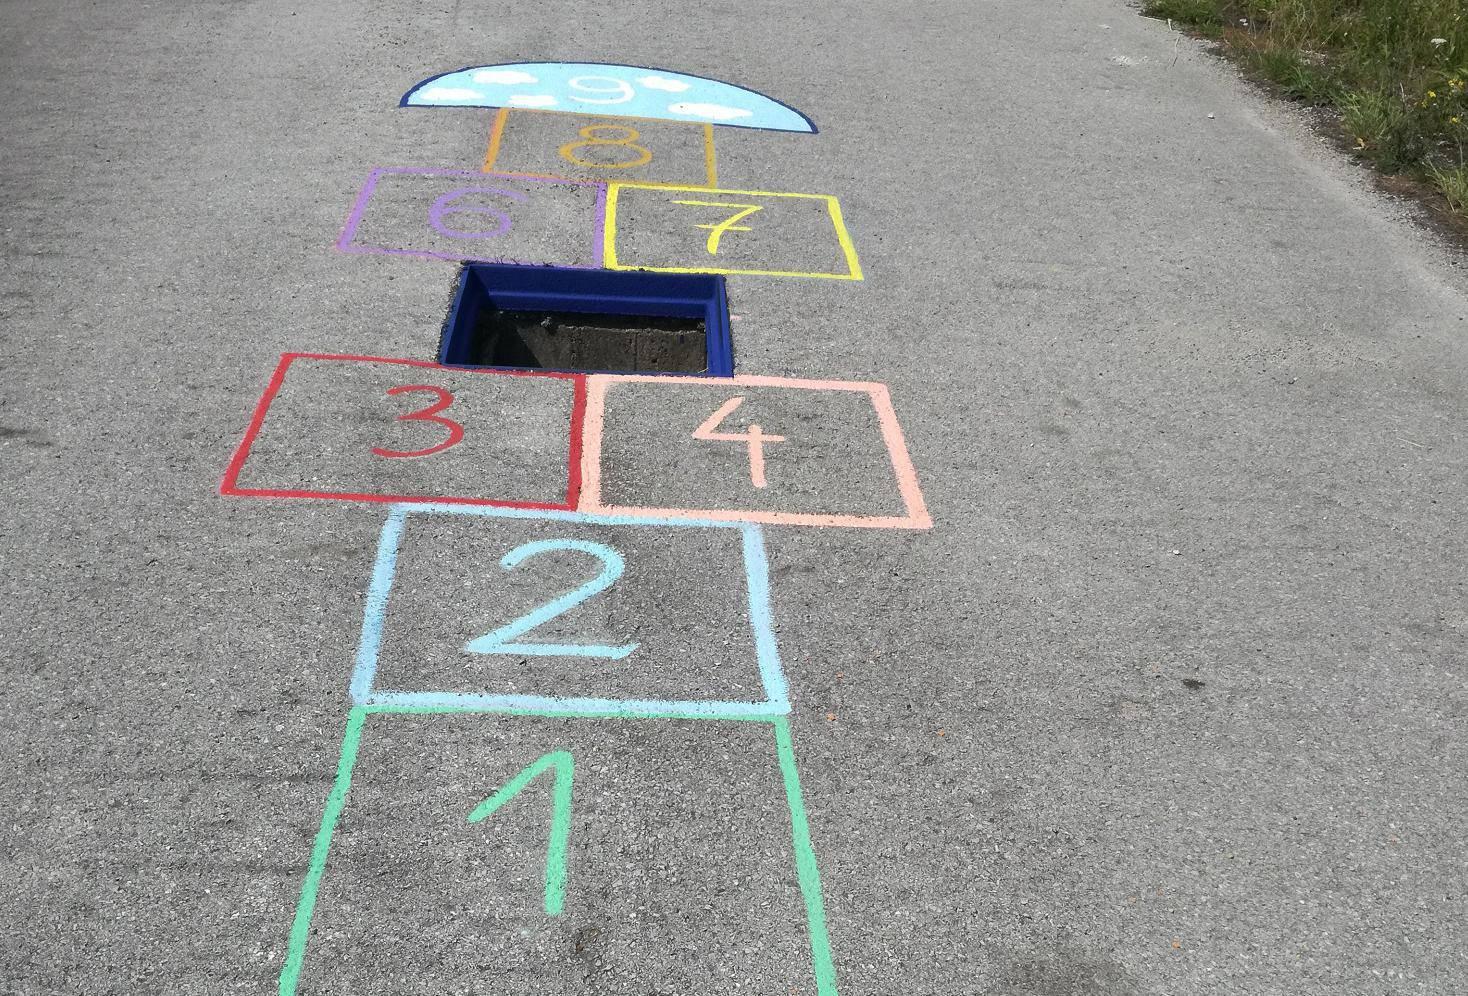 Nacrtali školicu bez broja 5: Umjesto njega je rupa u cesti